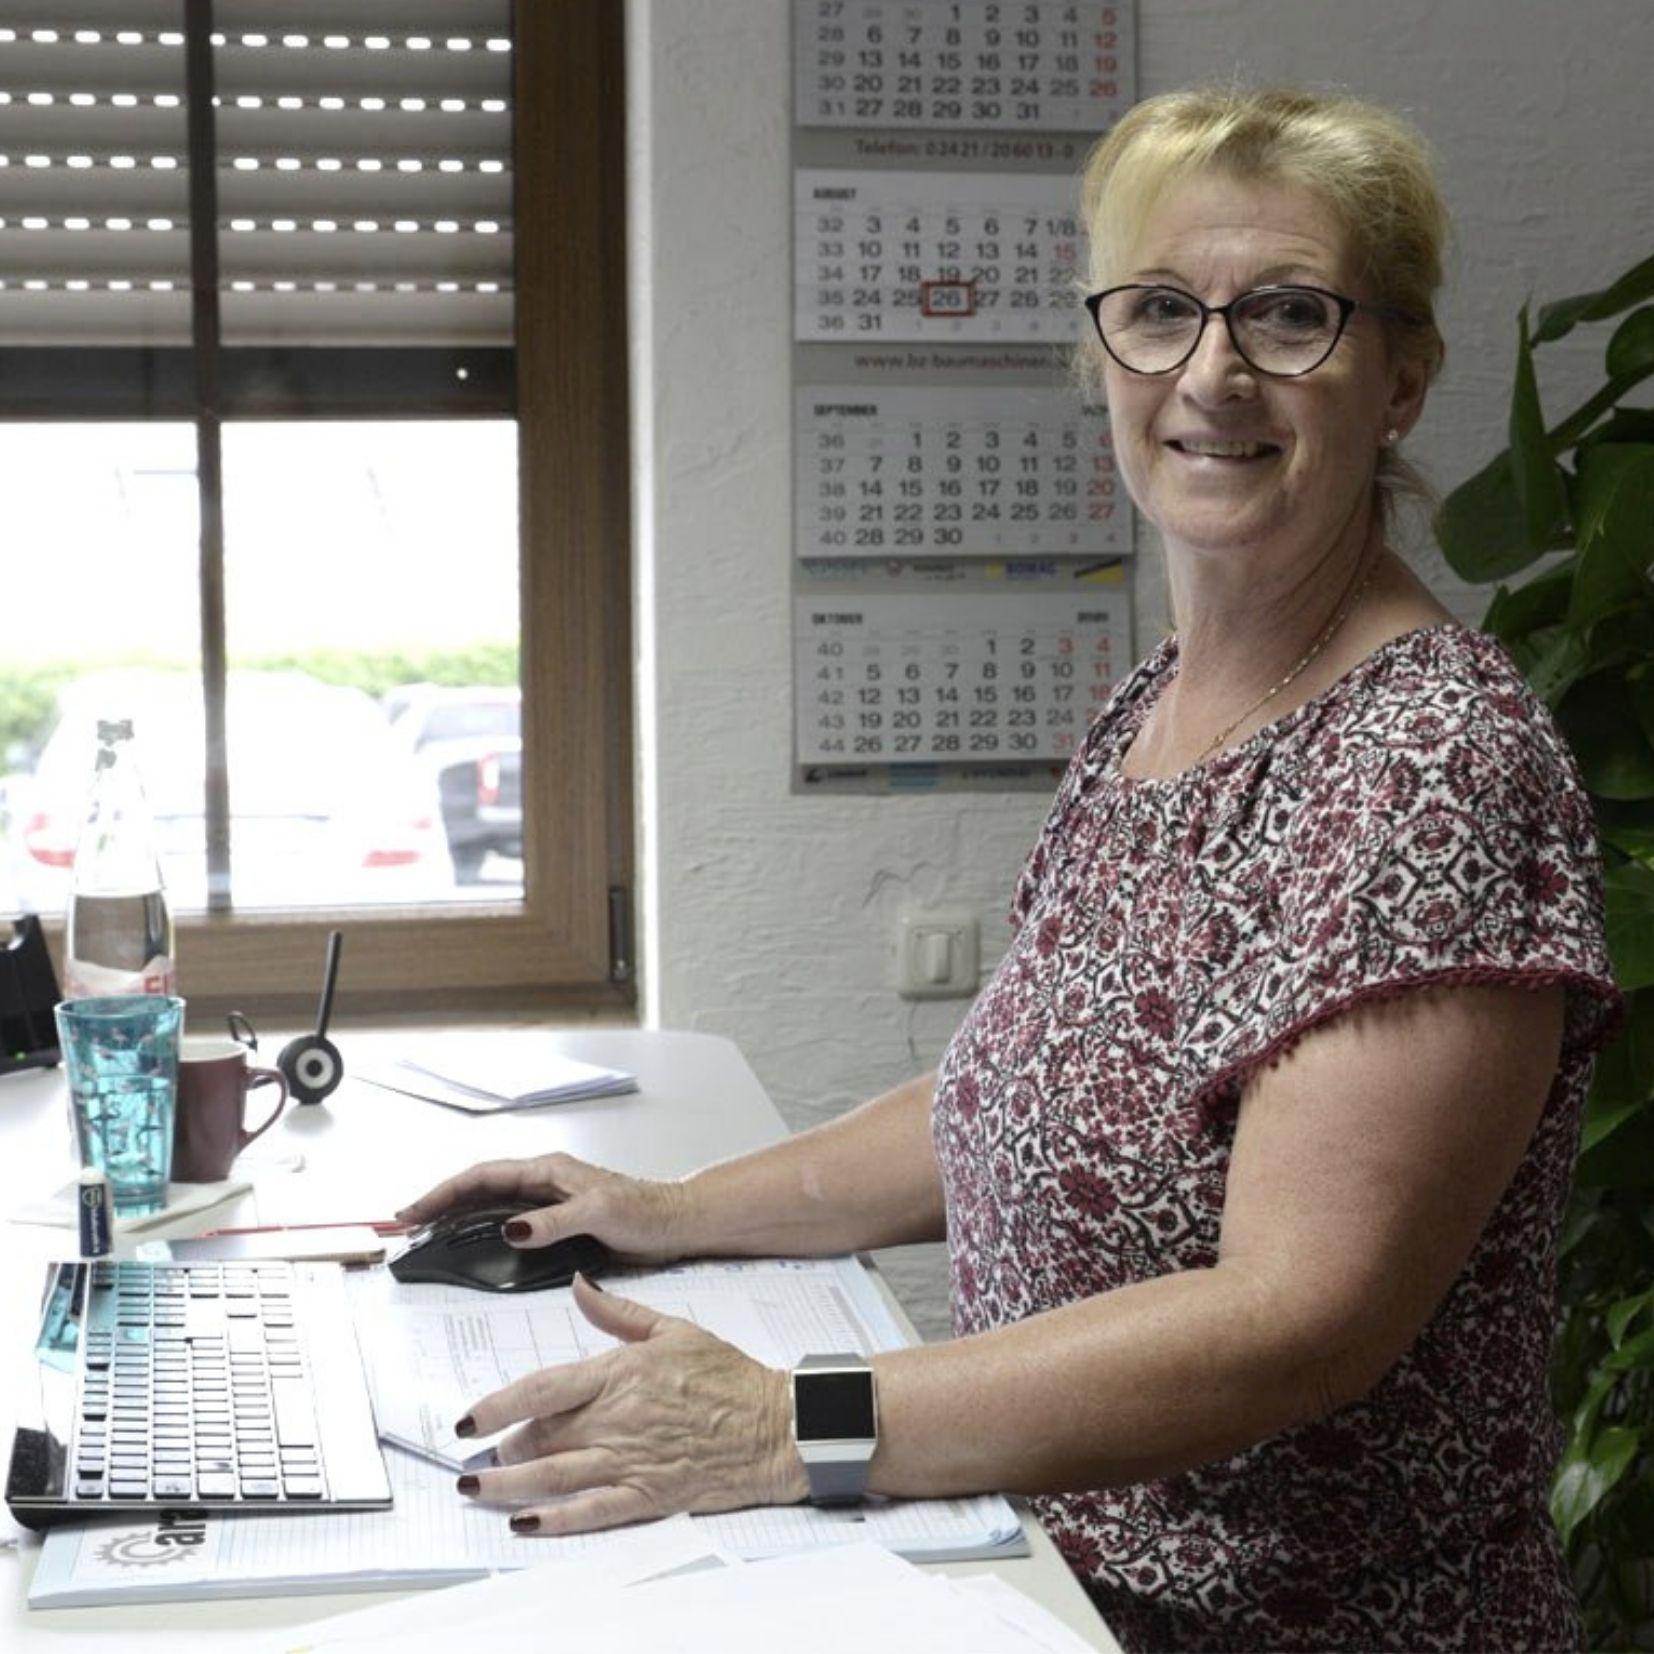 Zufriedene Mitarbeiter - Digitales BGM